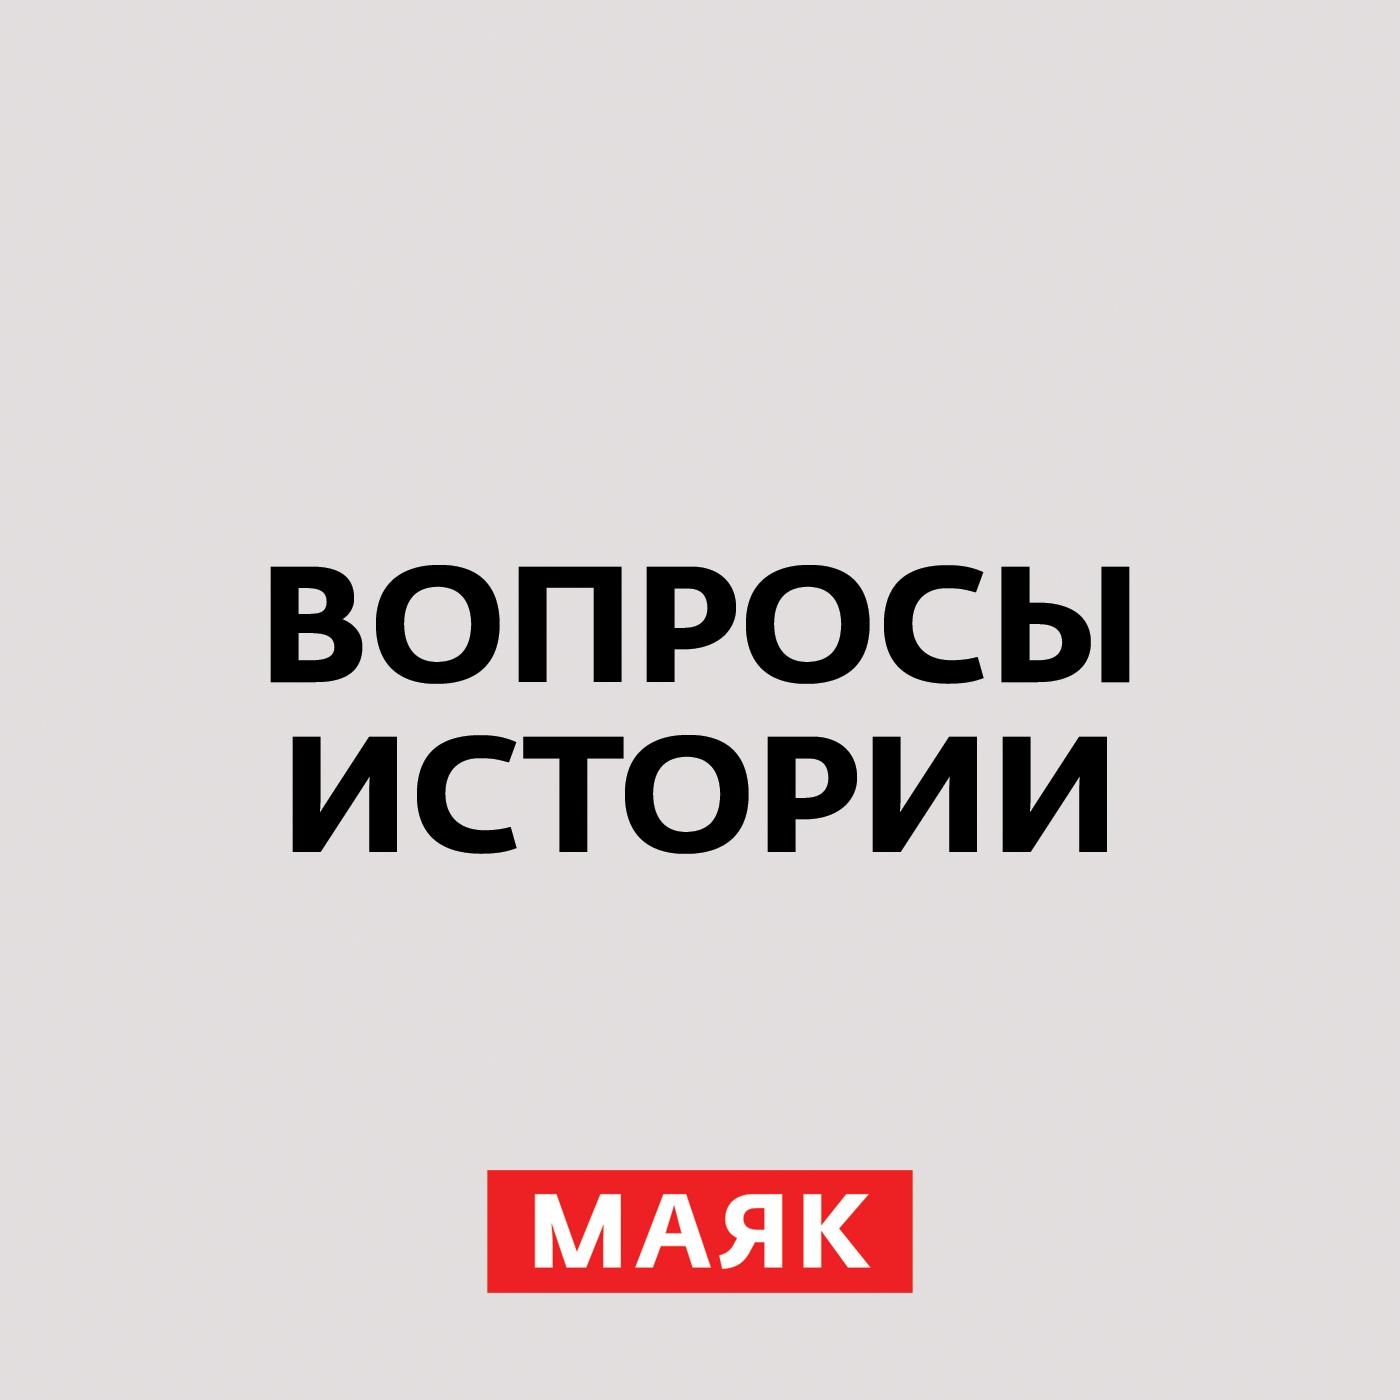 Андрей Светенко Вынос символов СССР с Красной площади не поможет народу примириться. Часть 3 андрей светенко первая наступательная операция красной армии в 41 м часть 1